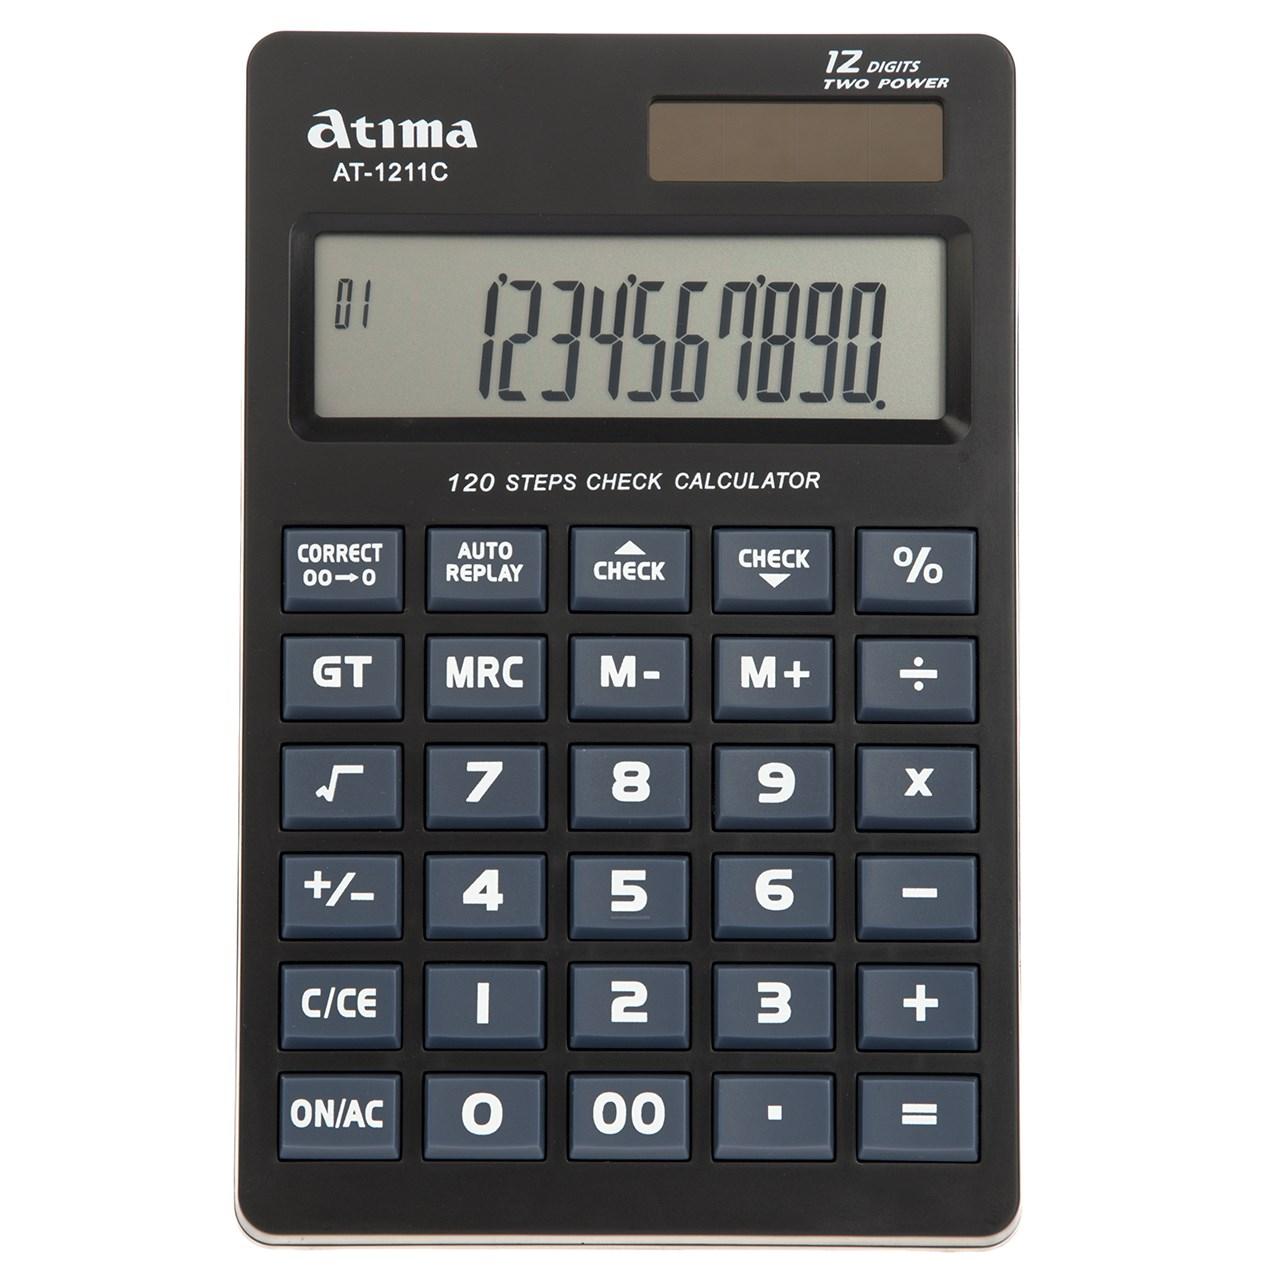 ماشین حساب آتیما مدل AT-1211C